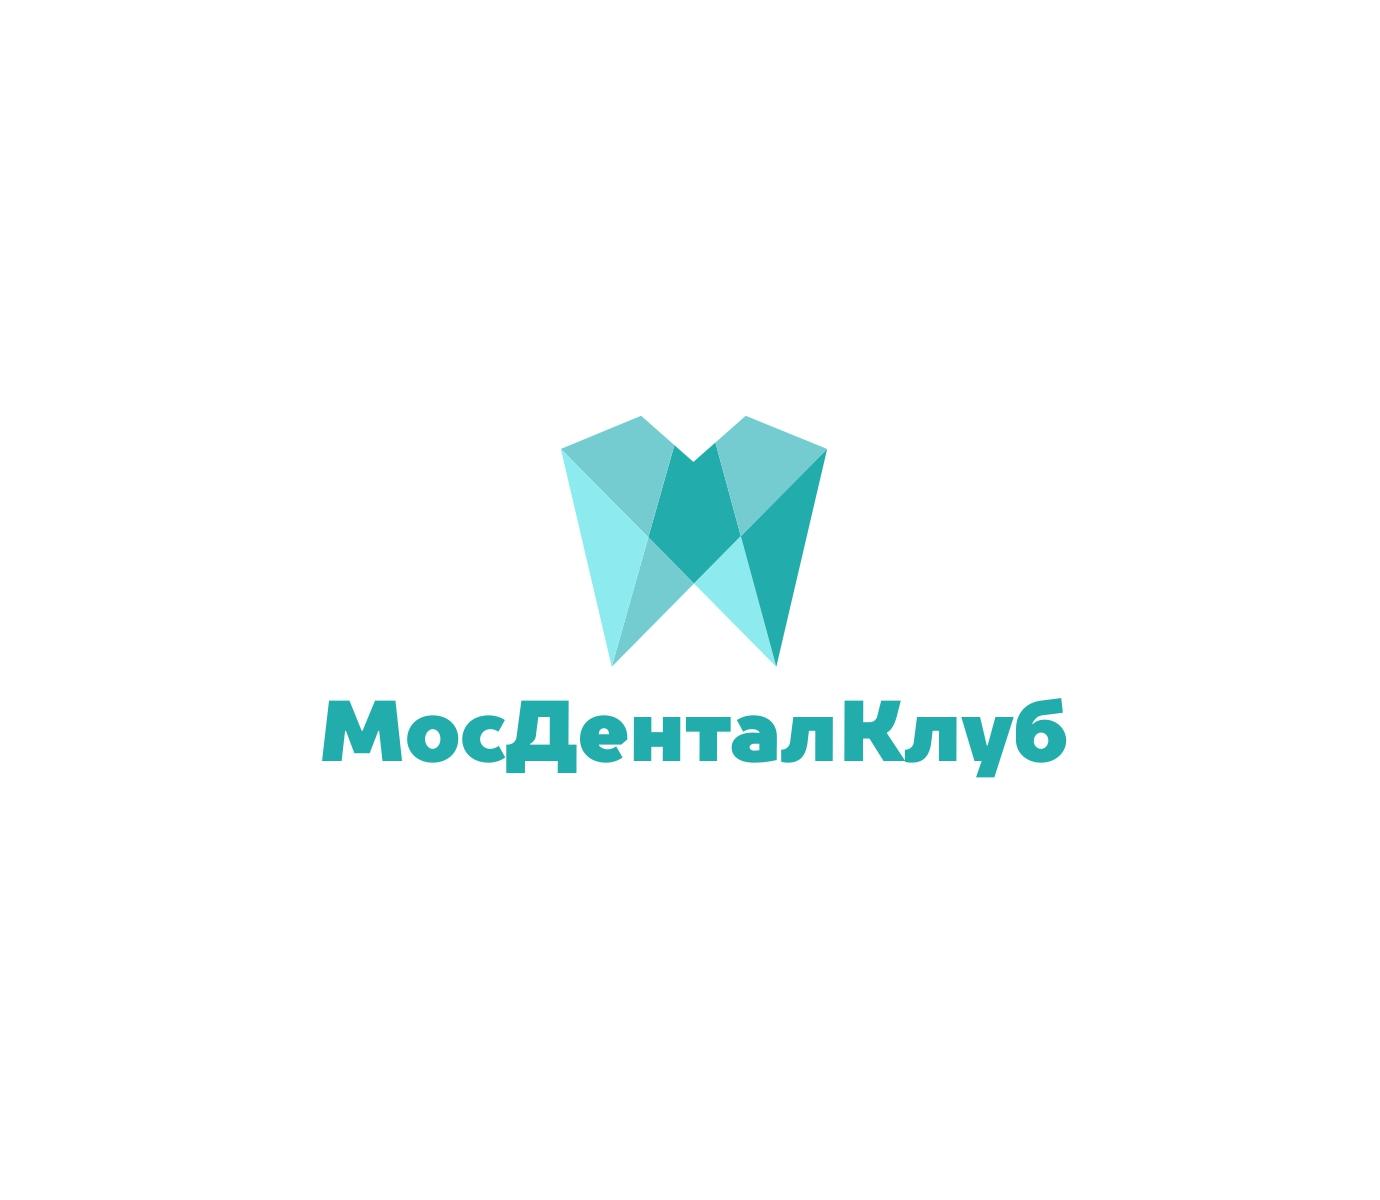 Разработка логотипа стоматологического медицинского центра фото f_0285e457c1e5813b.jpg